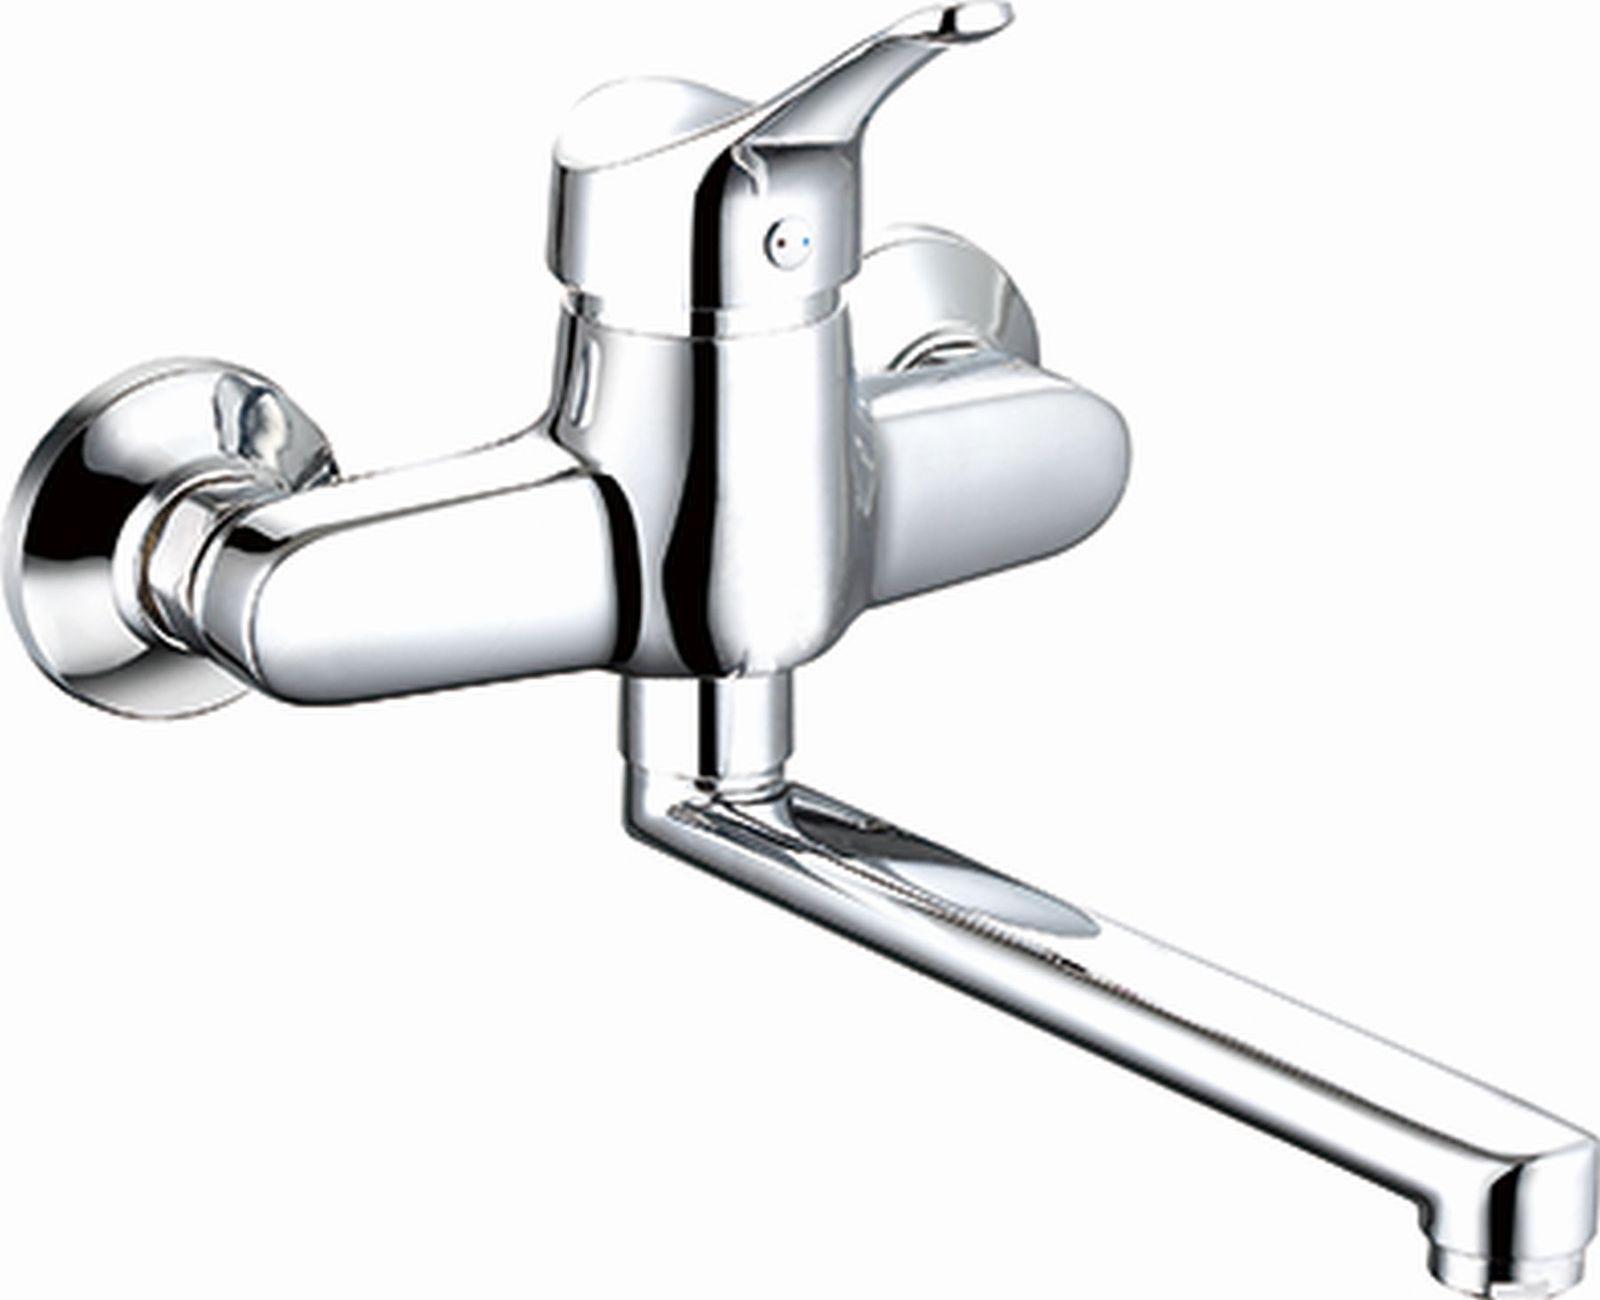 Abwasch k chenarmatur wasserhahn wandmontage einhandmischer schwenkauslauf 0400 kaufen bei - Wasserhahn wand ...